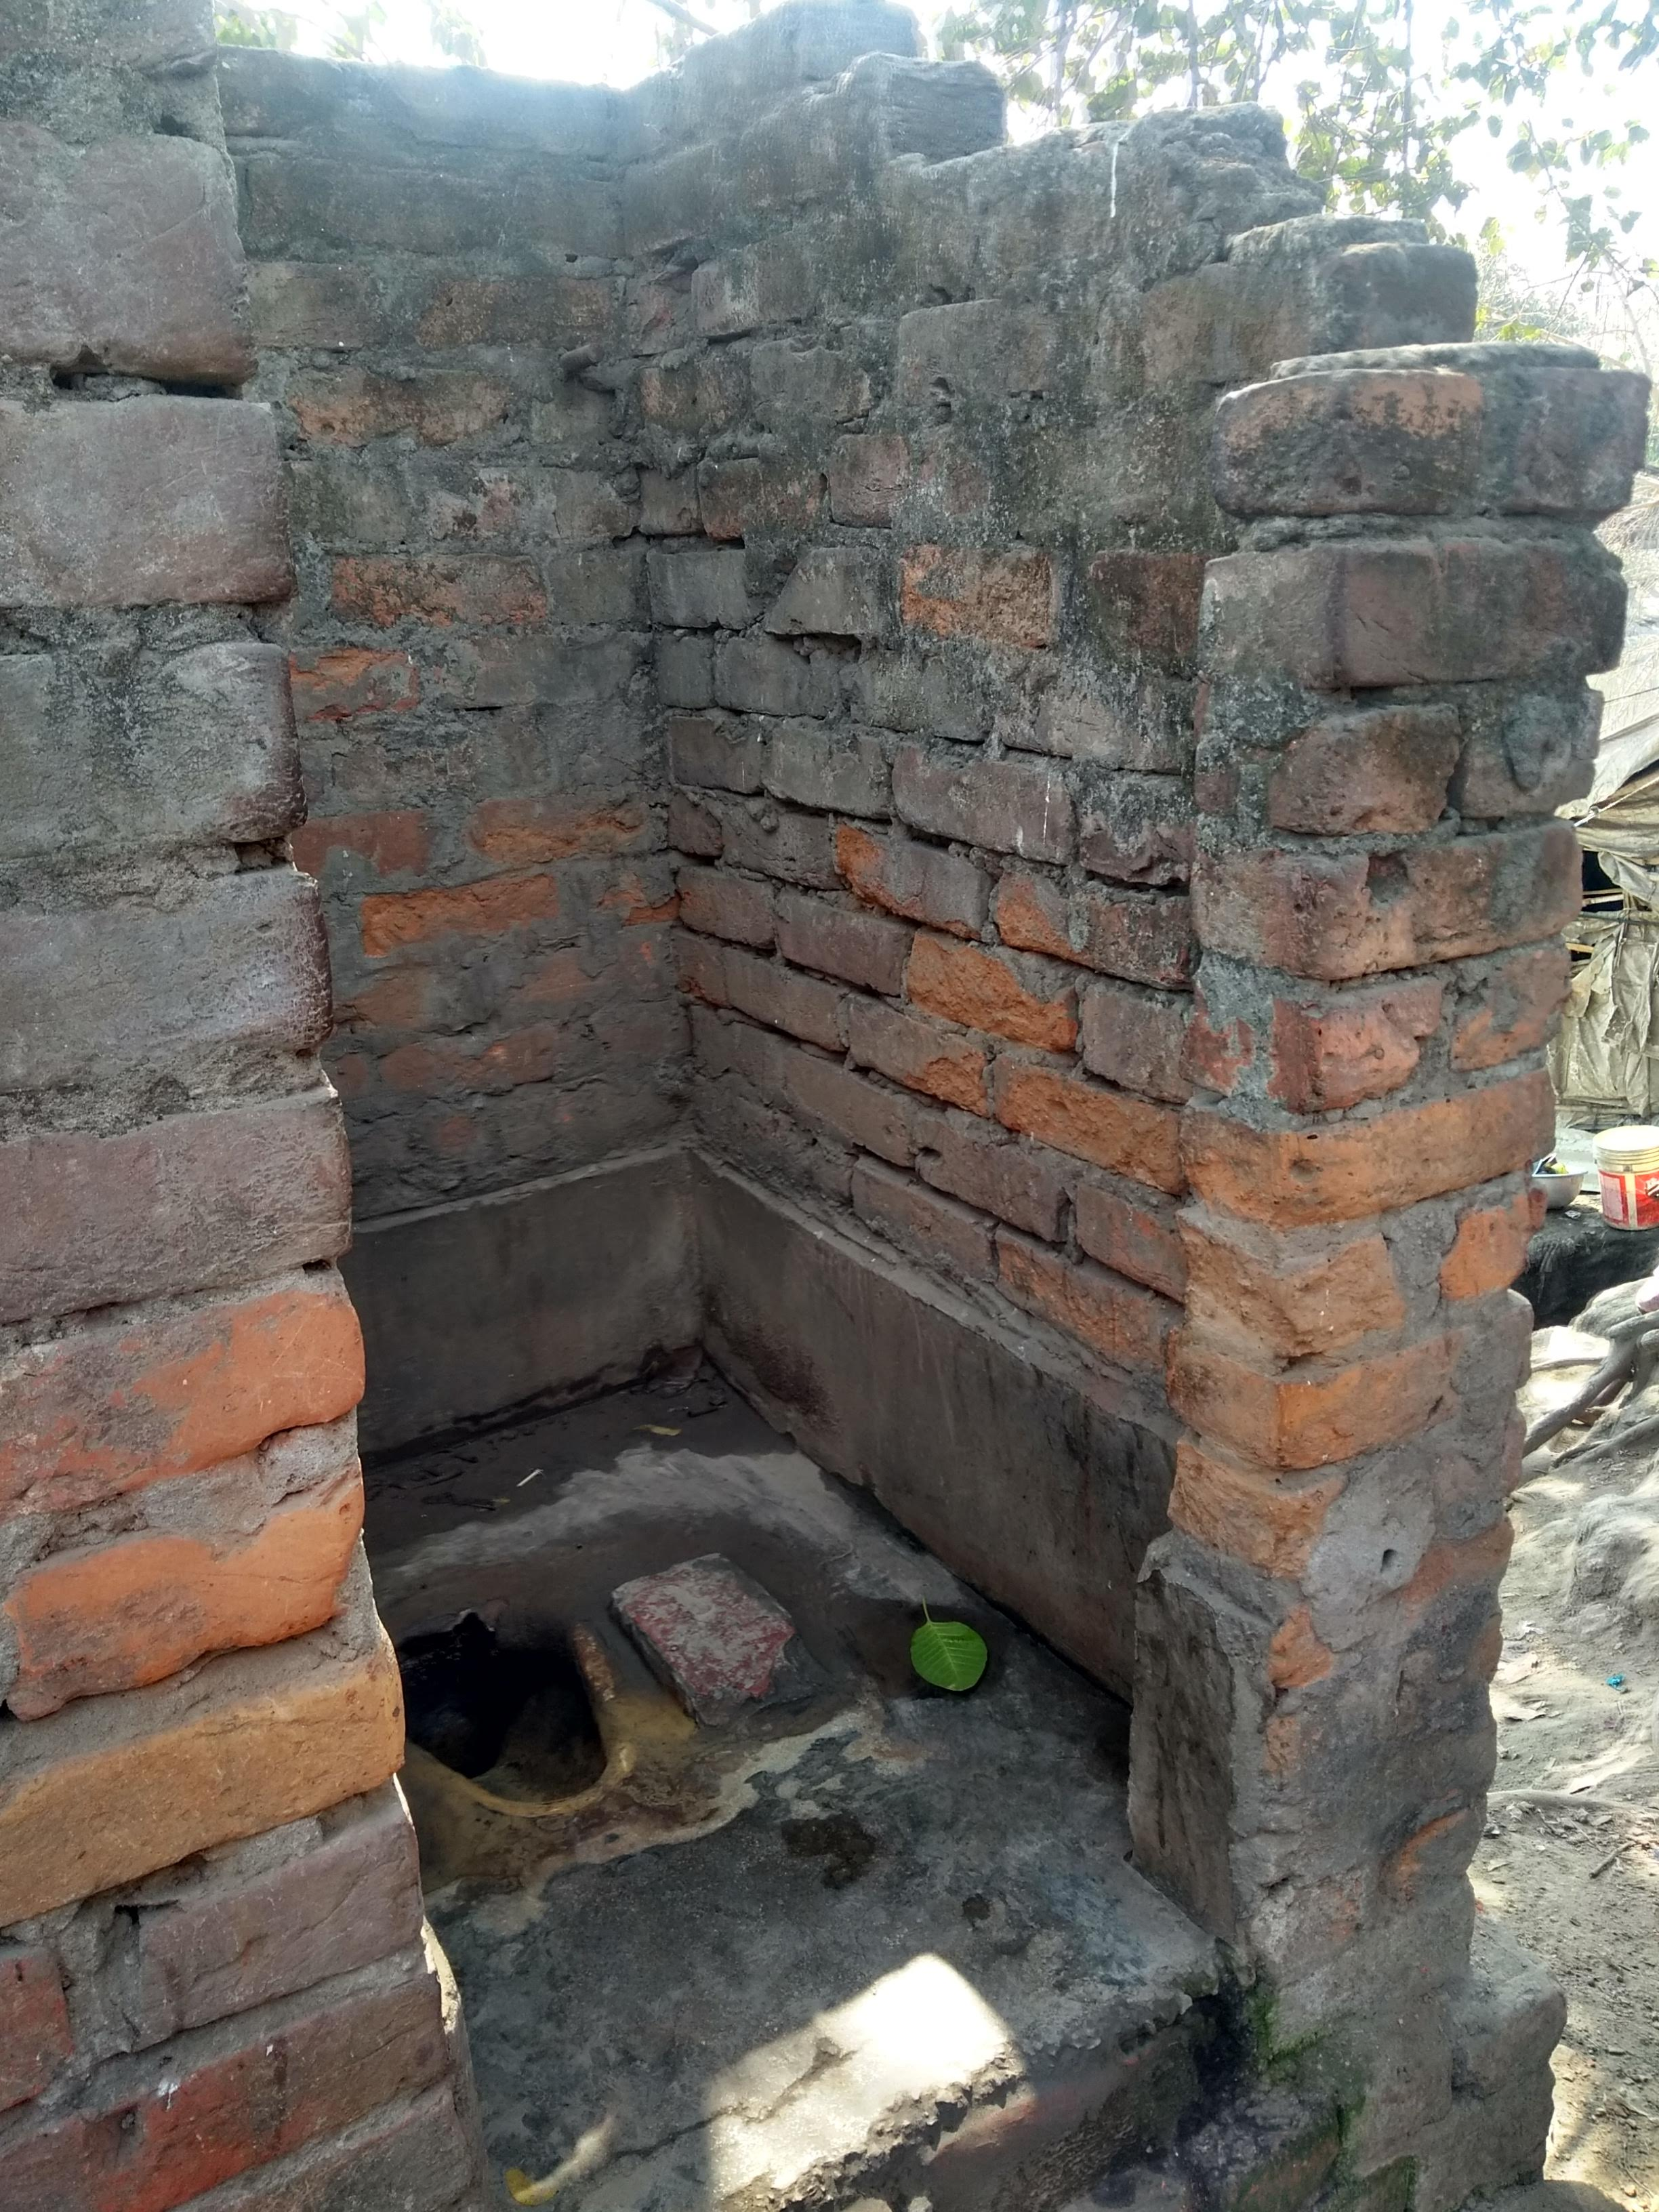 Die alten Toiletten ohne Tür oder Dach gab keine Form von Privatsphäre